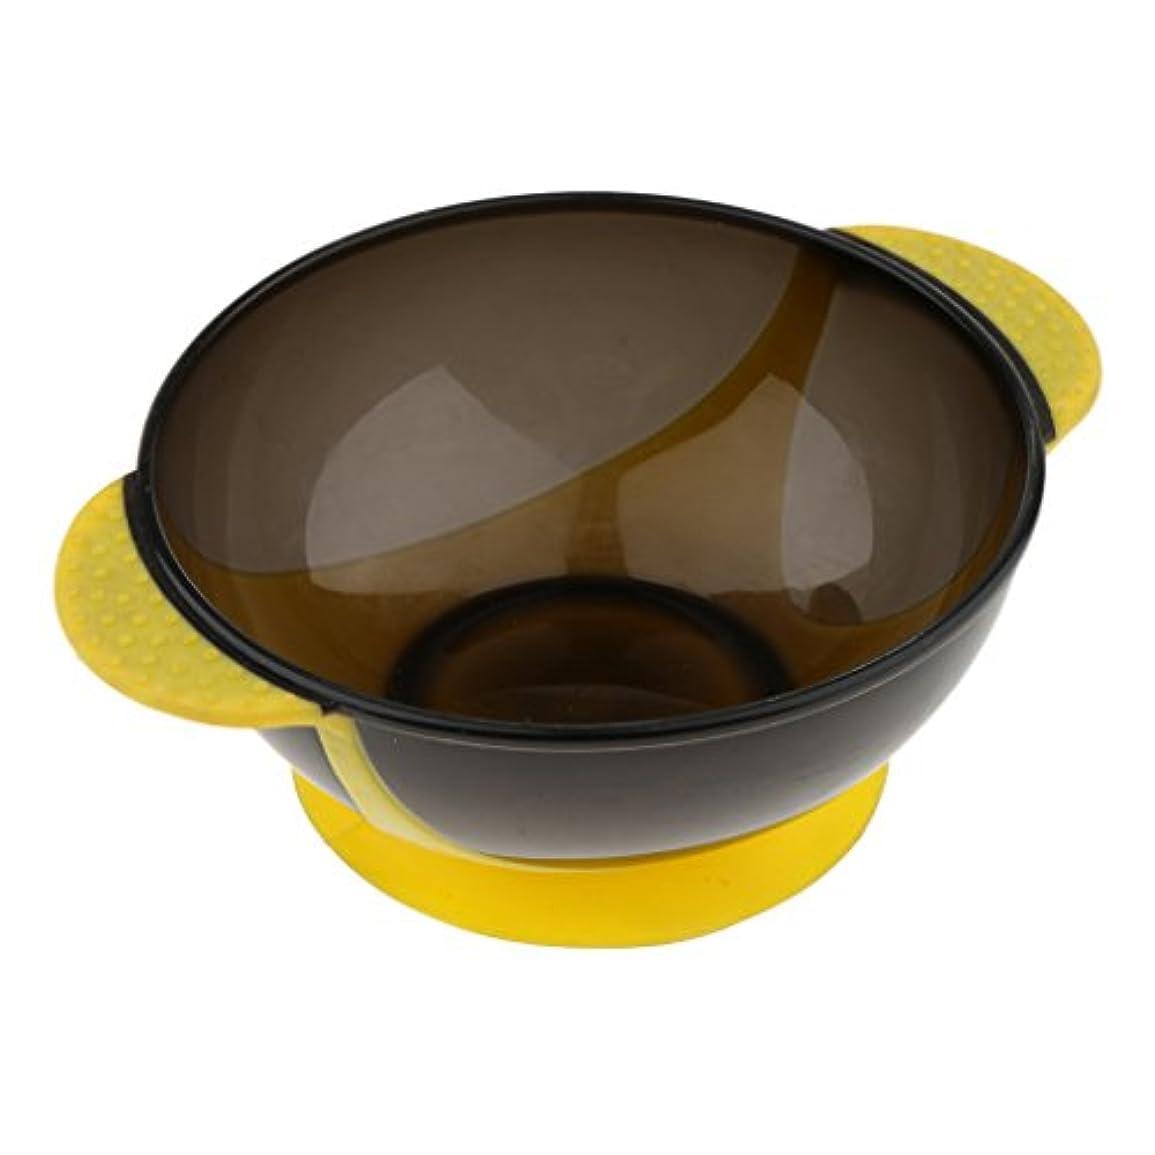 迷惑アルミニウム眩惑するT TOOYFUL プラスチックサロン髪染めミントボウル着色ツール吸引ベース - 黄